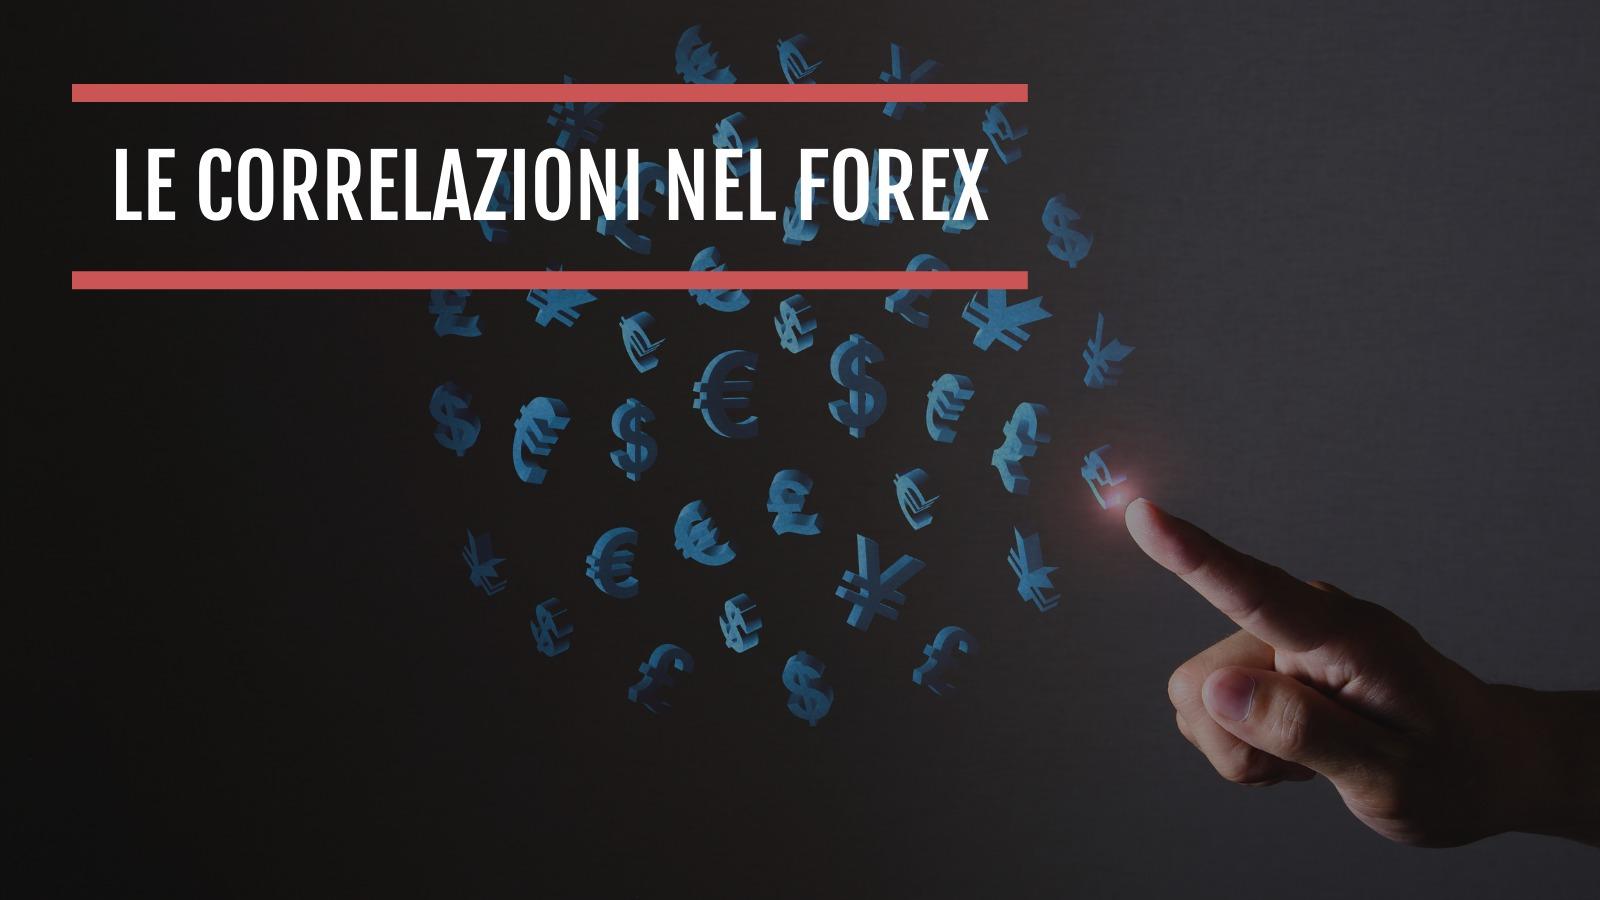 Coppie di Valute nel Forex: Più Scambiate, Maggiori, Esotiche ...